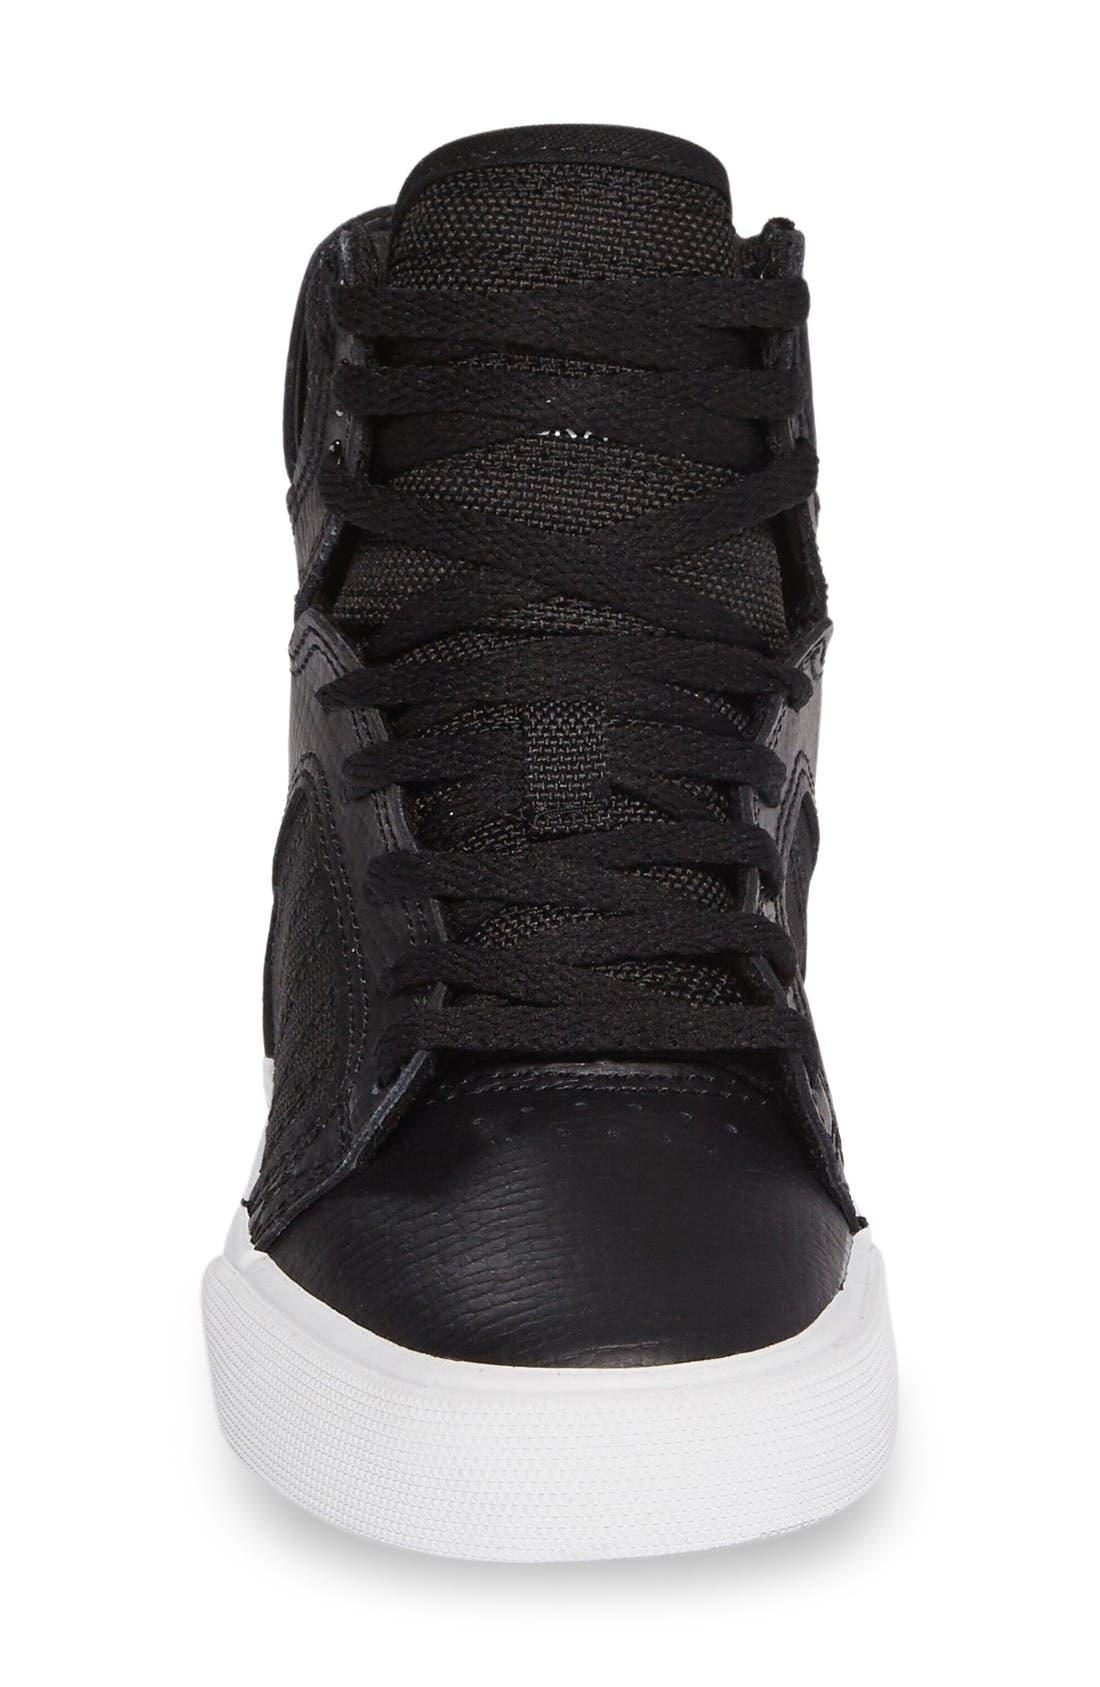 'Skytop' High Top Sneaker,                             Alternate thumbnail 3, color,                             Black/ White